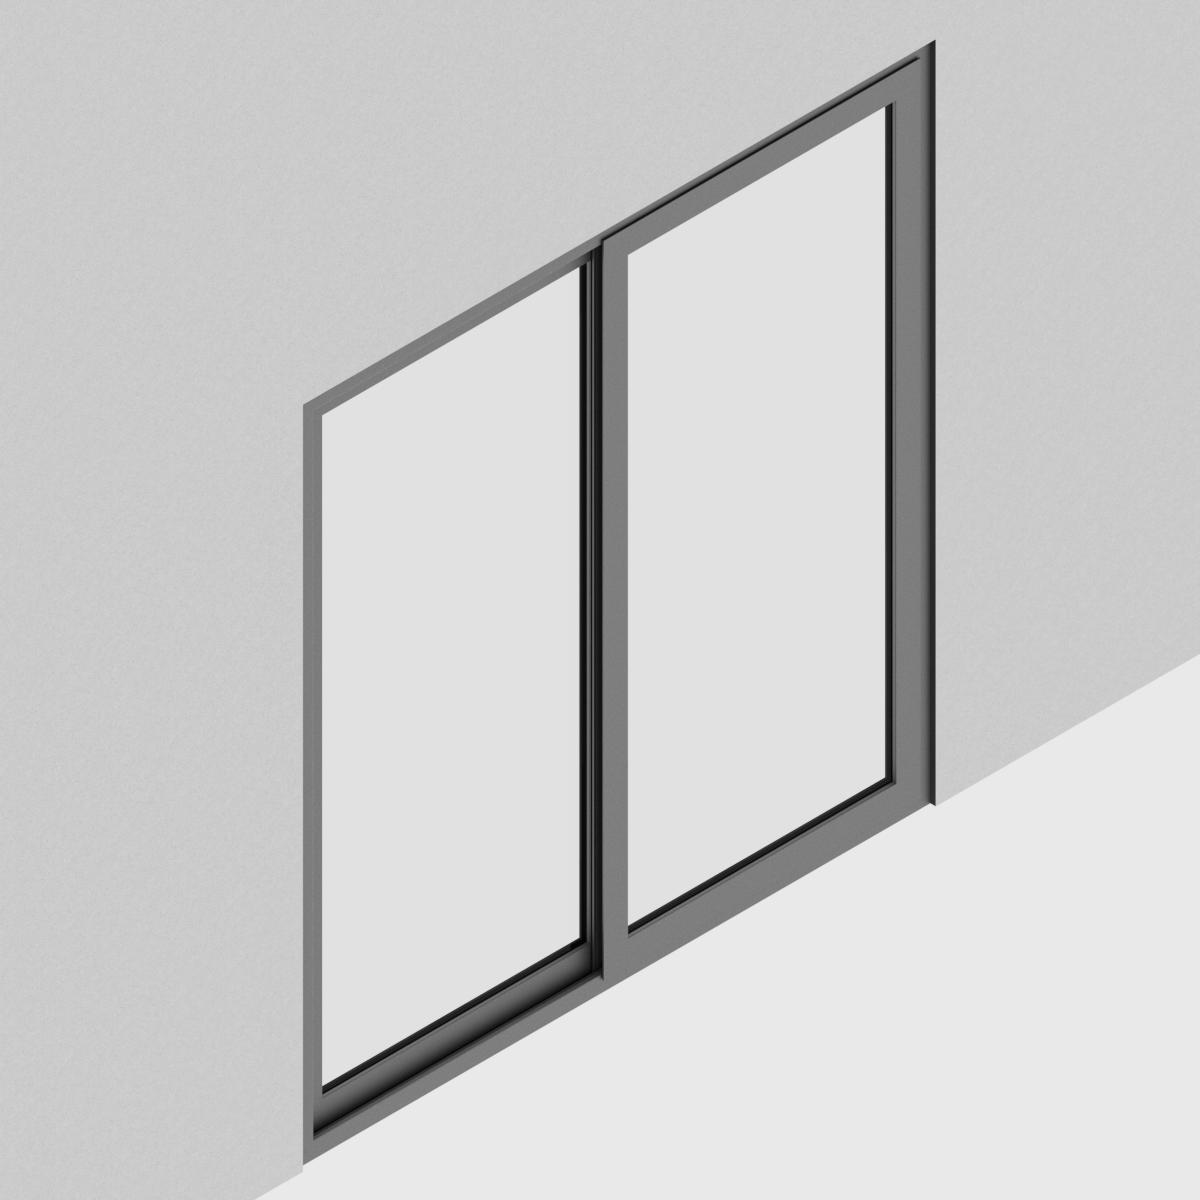 Puerta Corredera Piso Cielo QT Rahmen